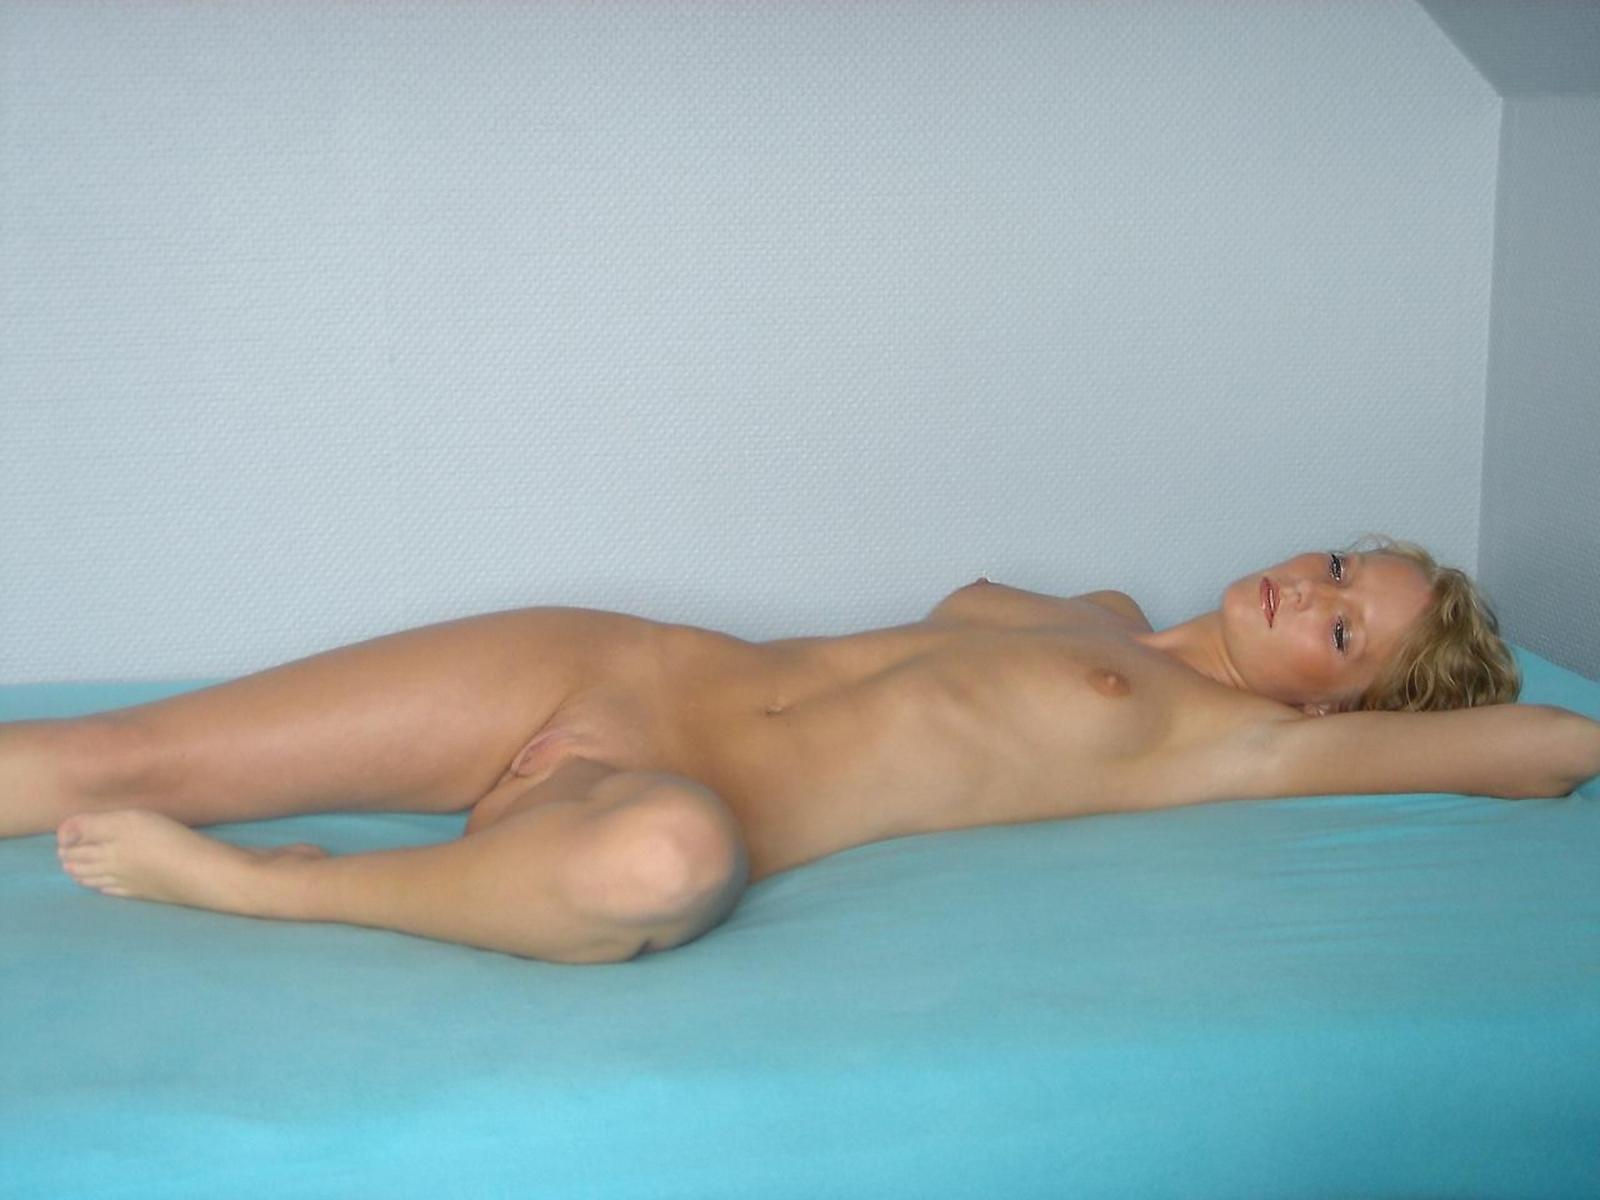 Частноё еротическое фото 7 фотография